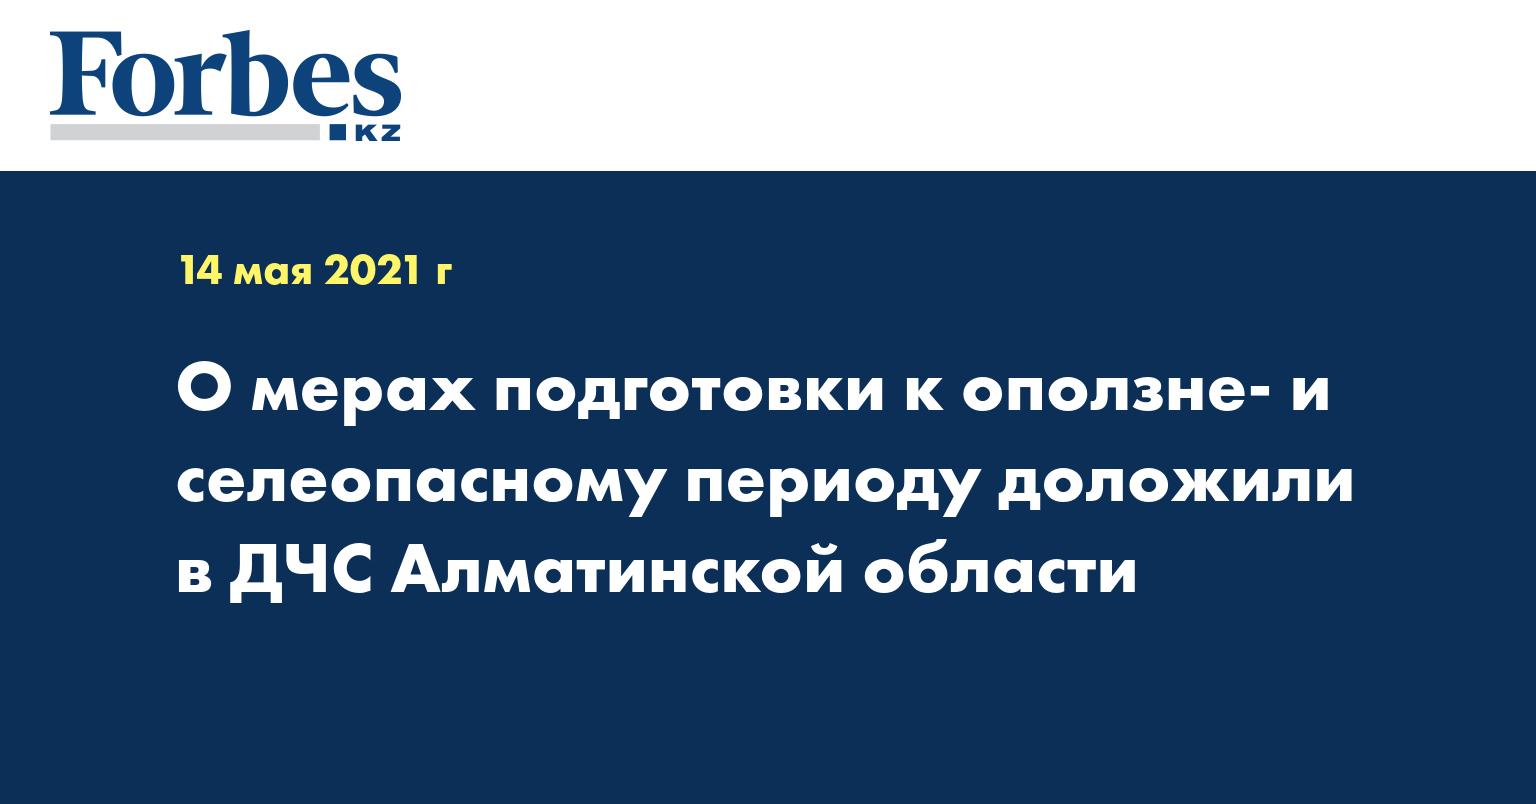 О мерах подготовки к оползне- и селеопасному периоду доложили в ДЧС Алматинской области